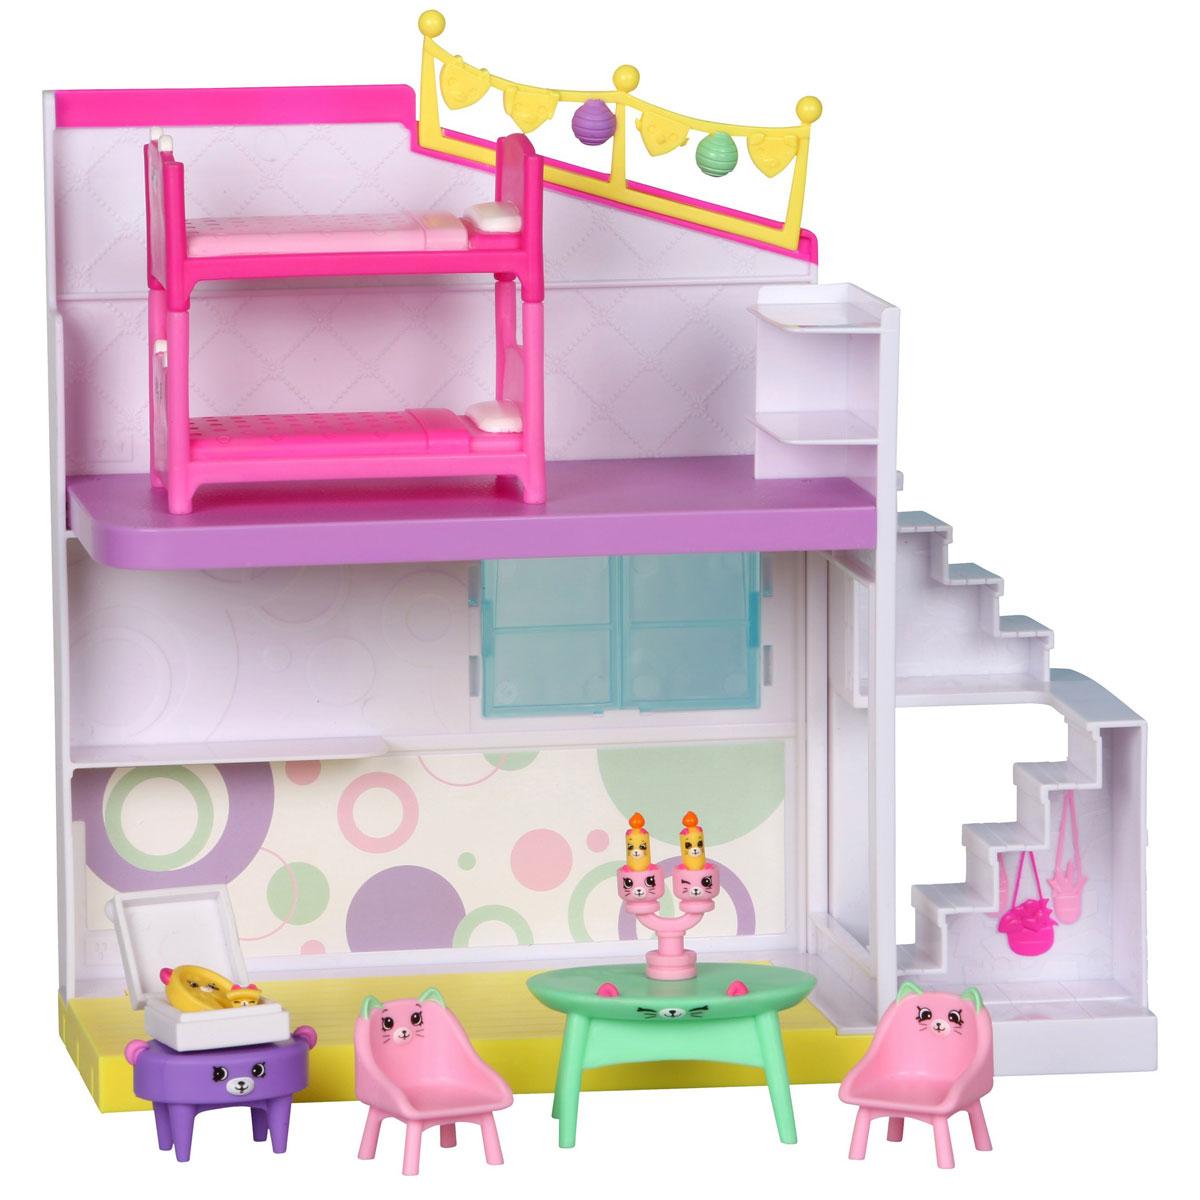 Shopkins Игровой набор Студия для вечеринок игровой набор shopkins пончик счастья донатины moose